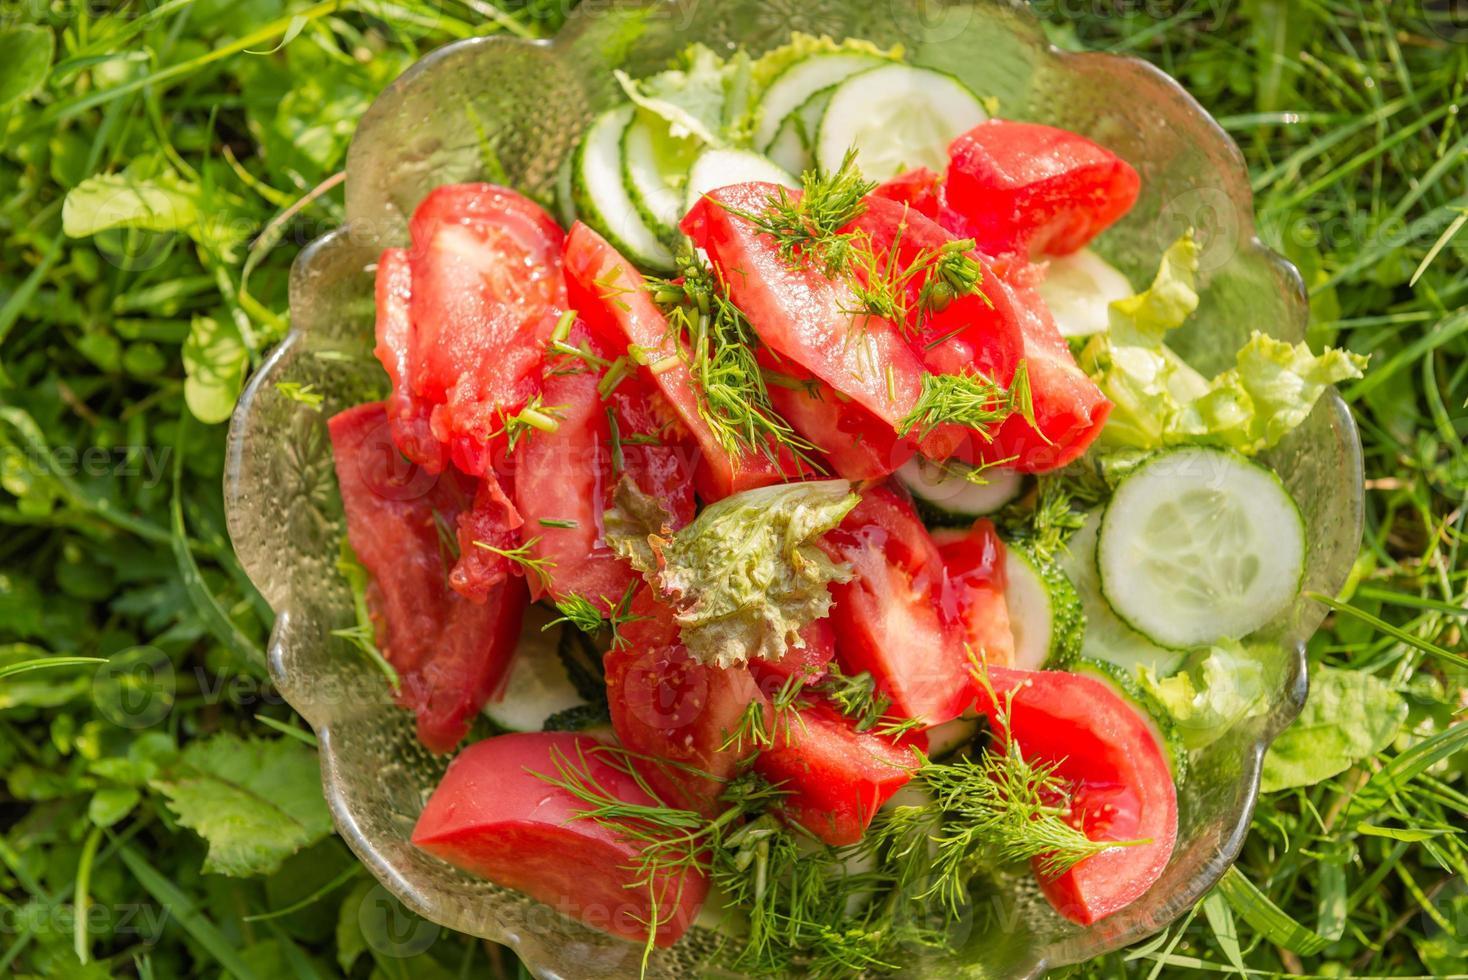 alface, tomate e pepino em uma tigela de vidro foto